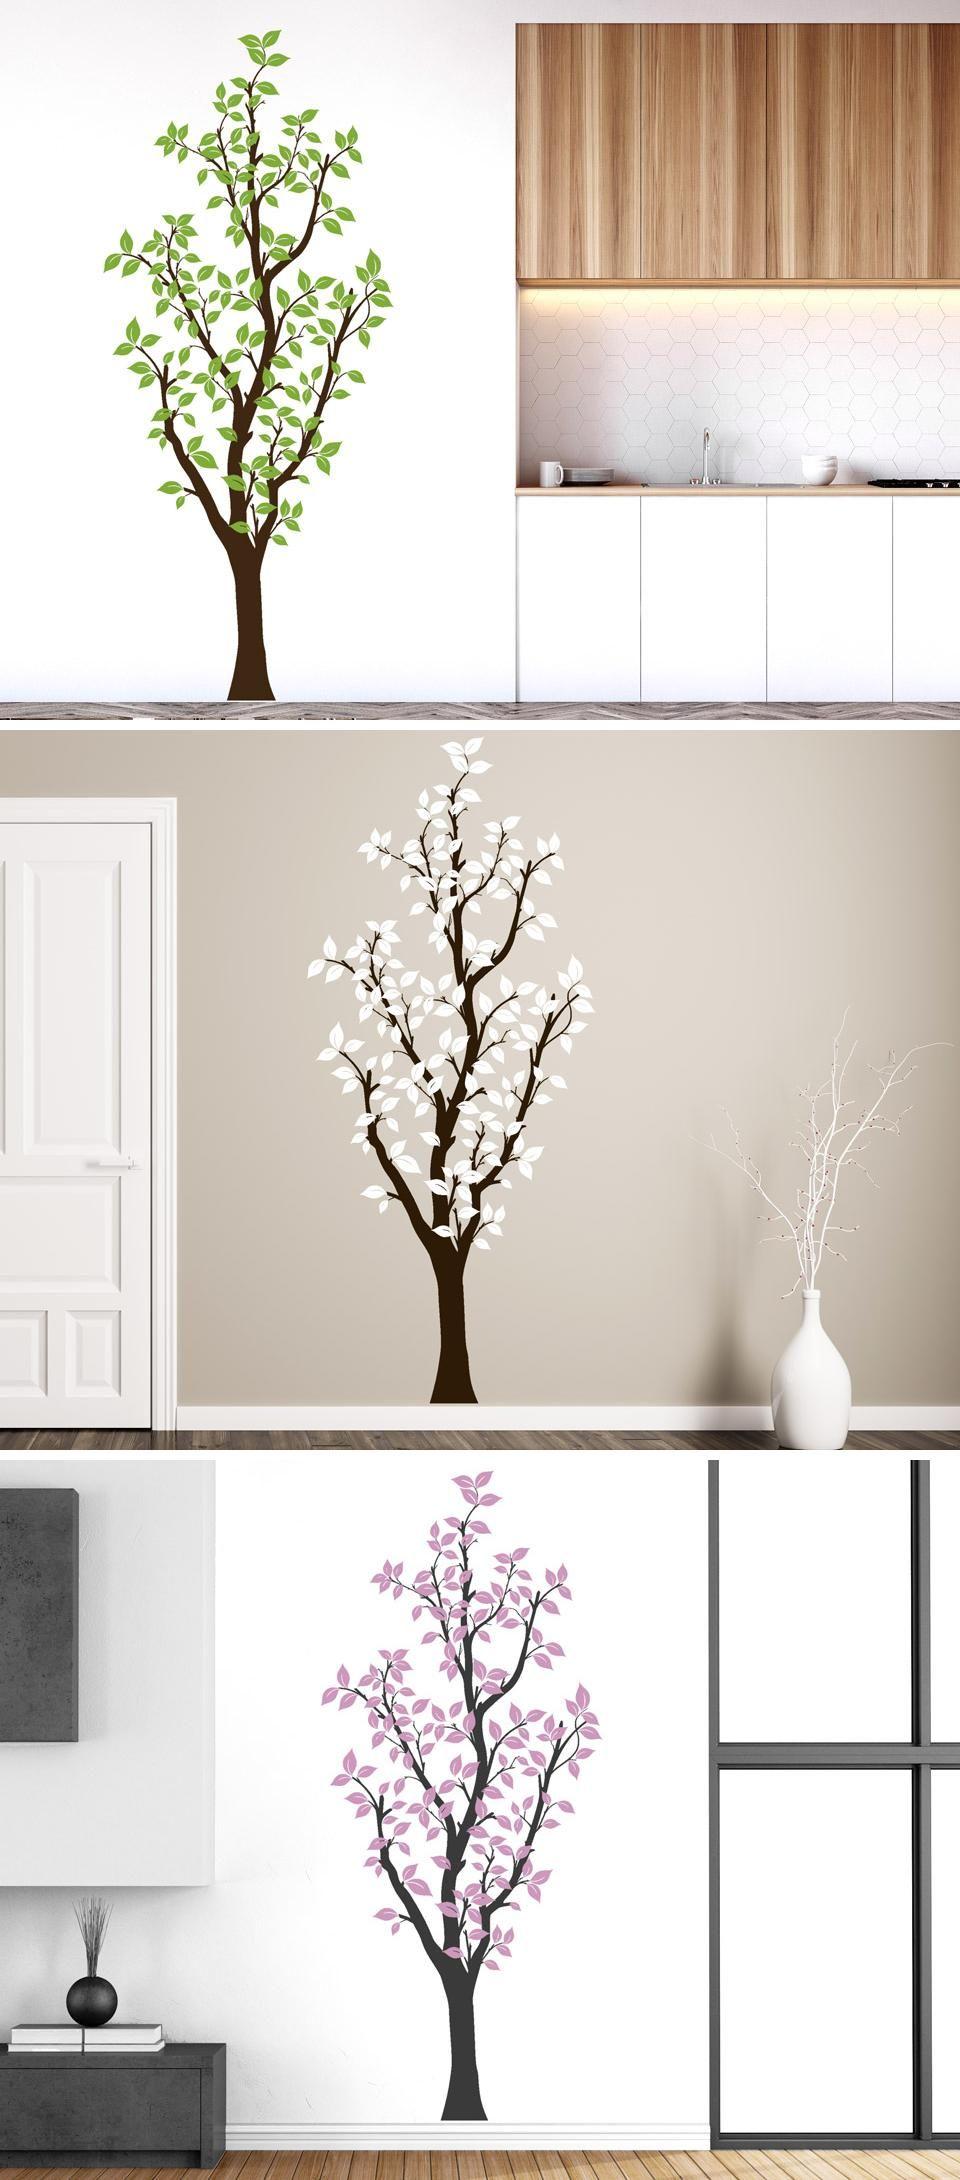 Faszinierend Wandtattoo Bäume Referenz Von Hoher Baum Von Wandtattooreview